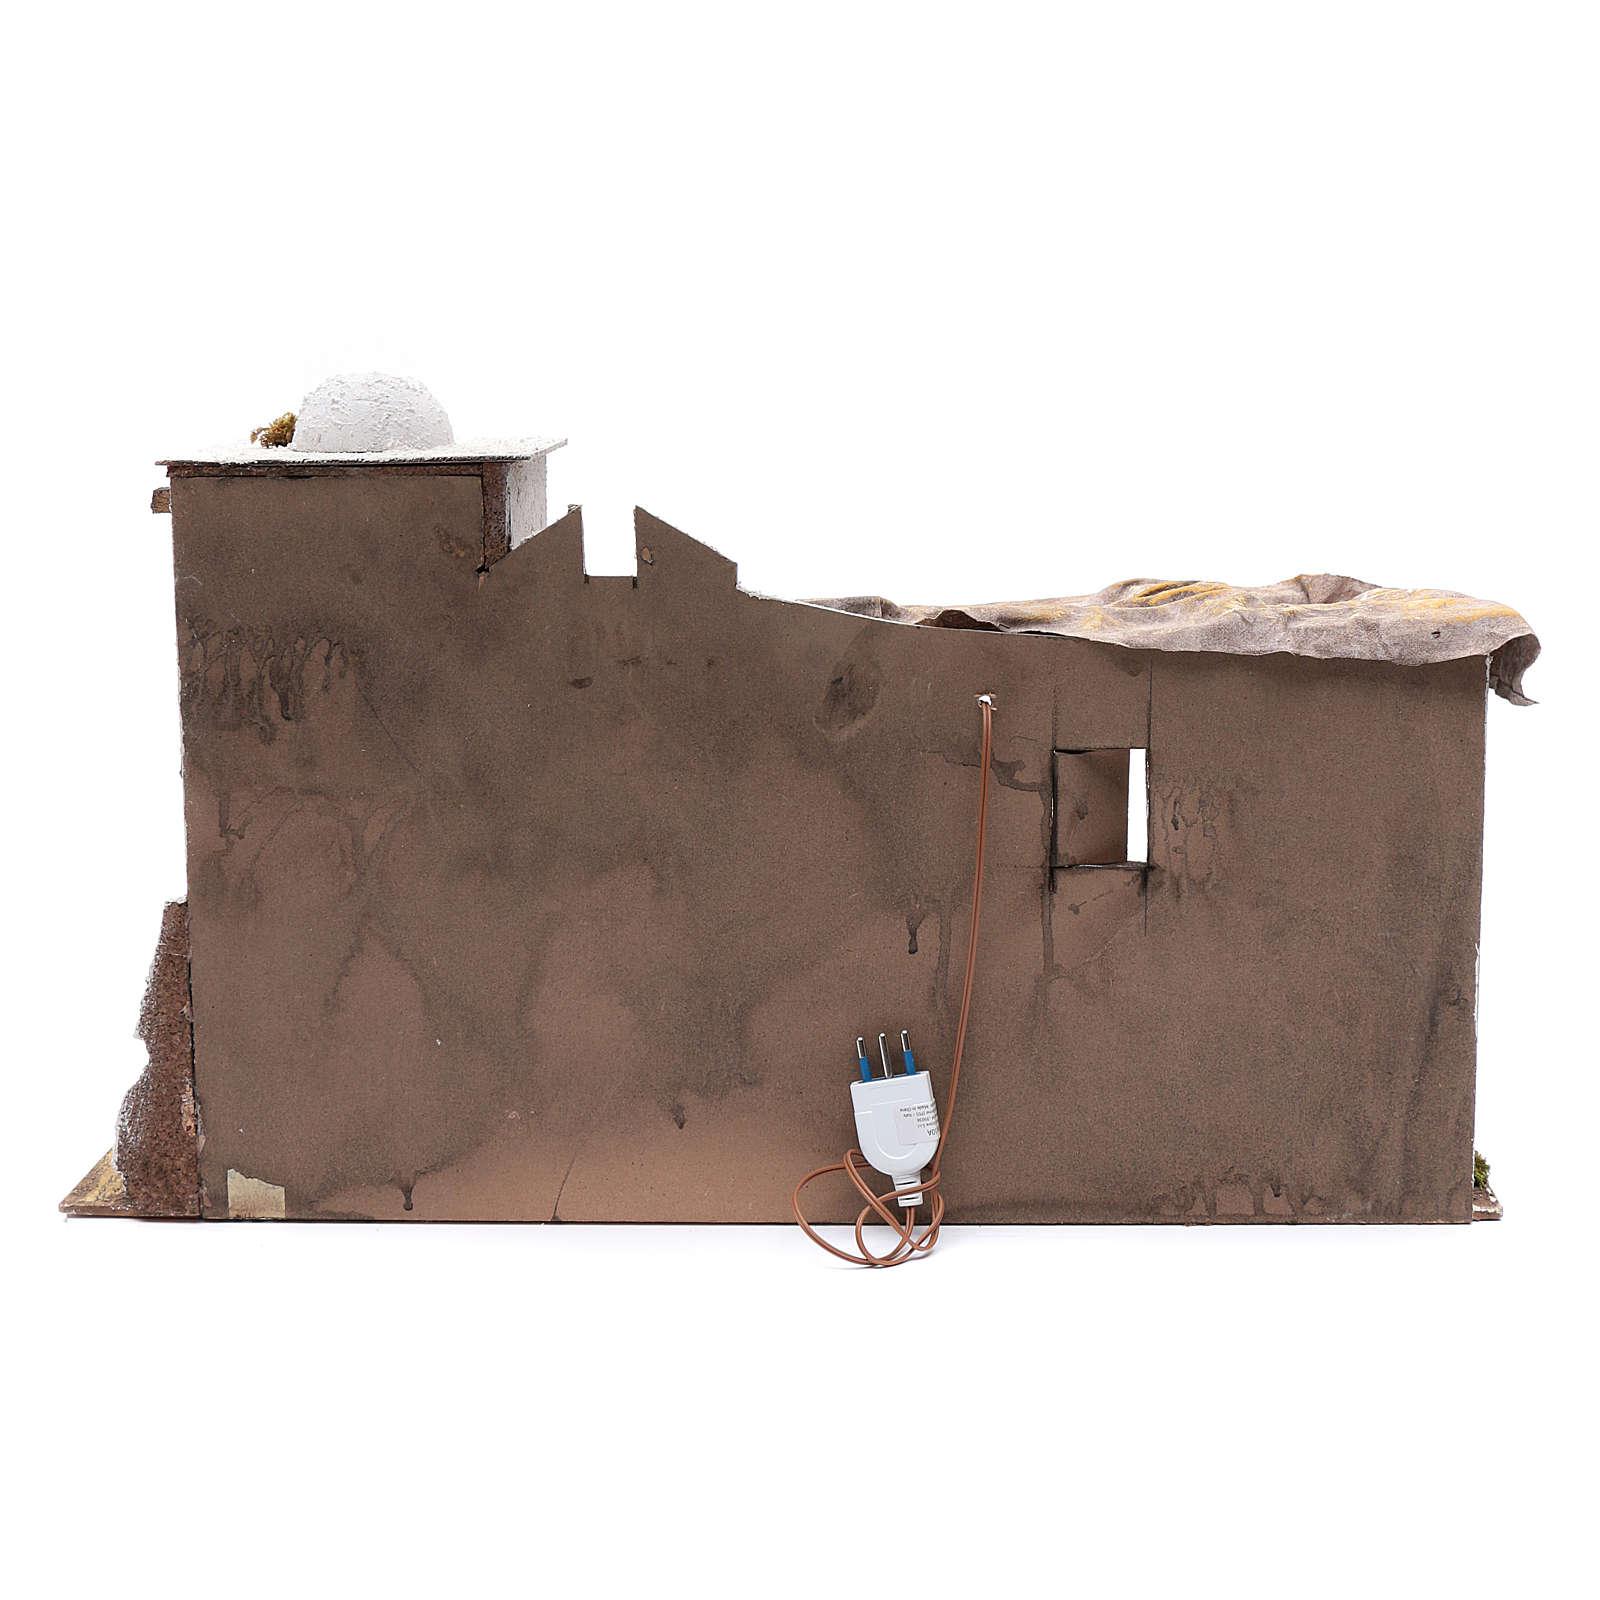 Décor arabe avec cabane 33x63x24,1 cm crèche de Naples 4